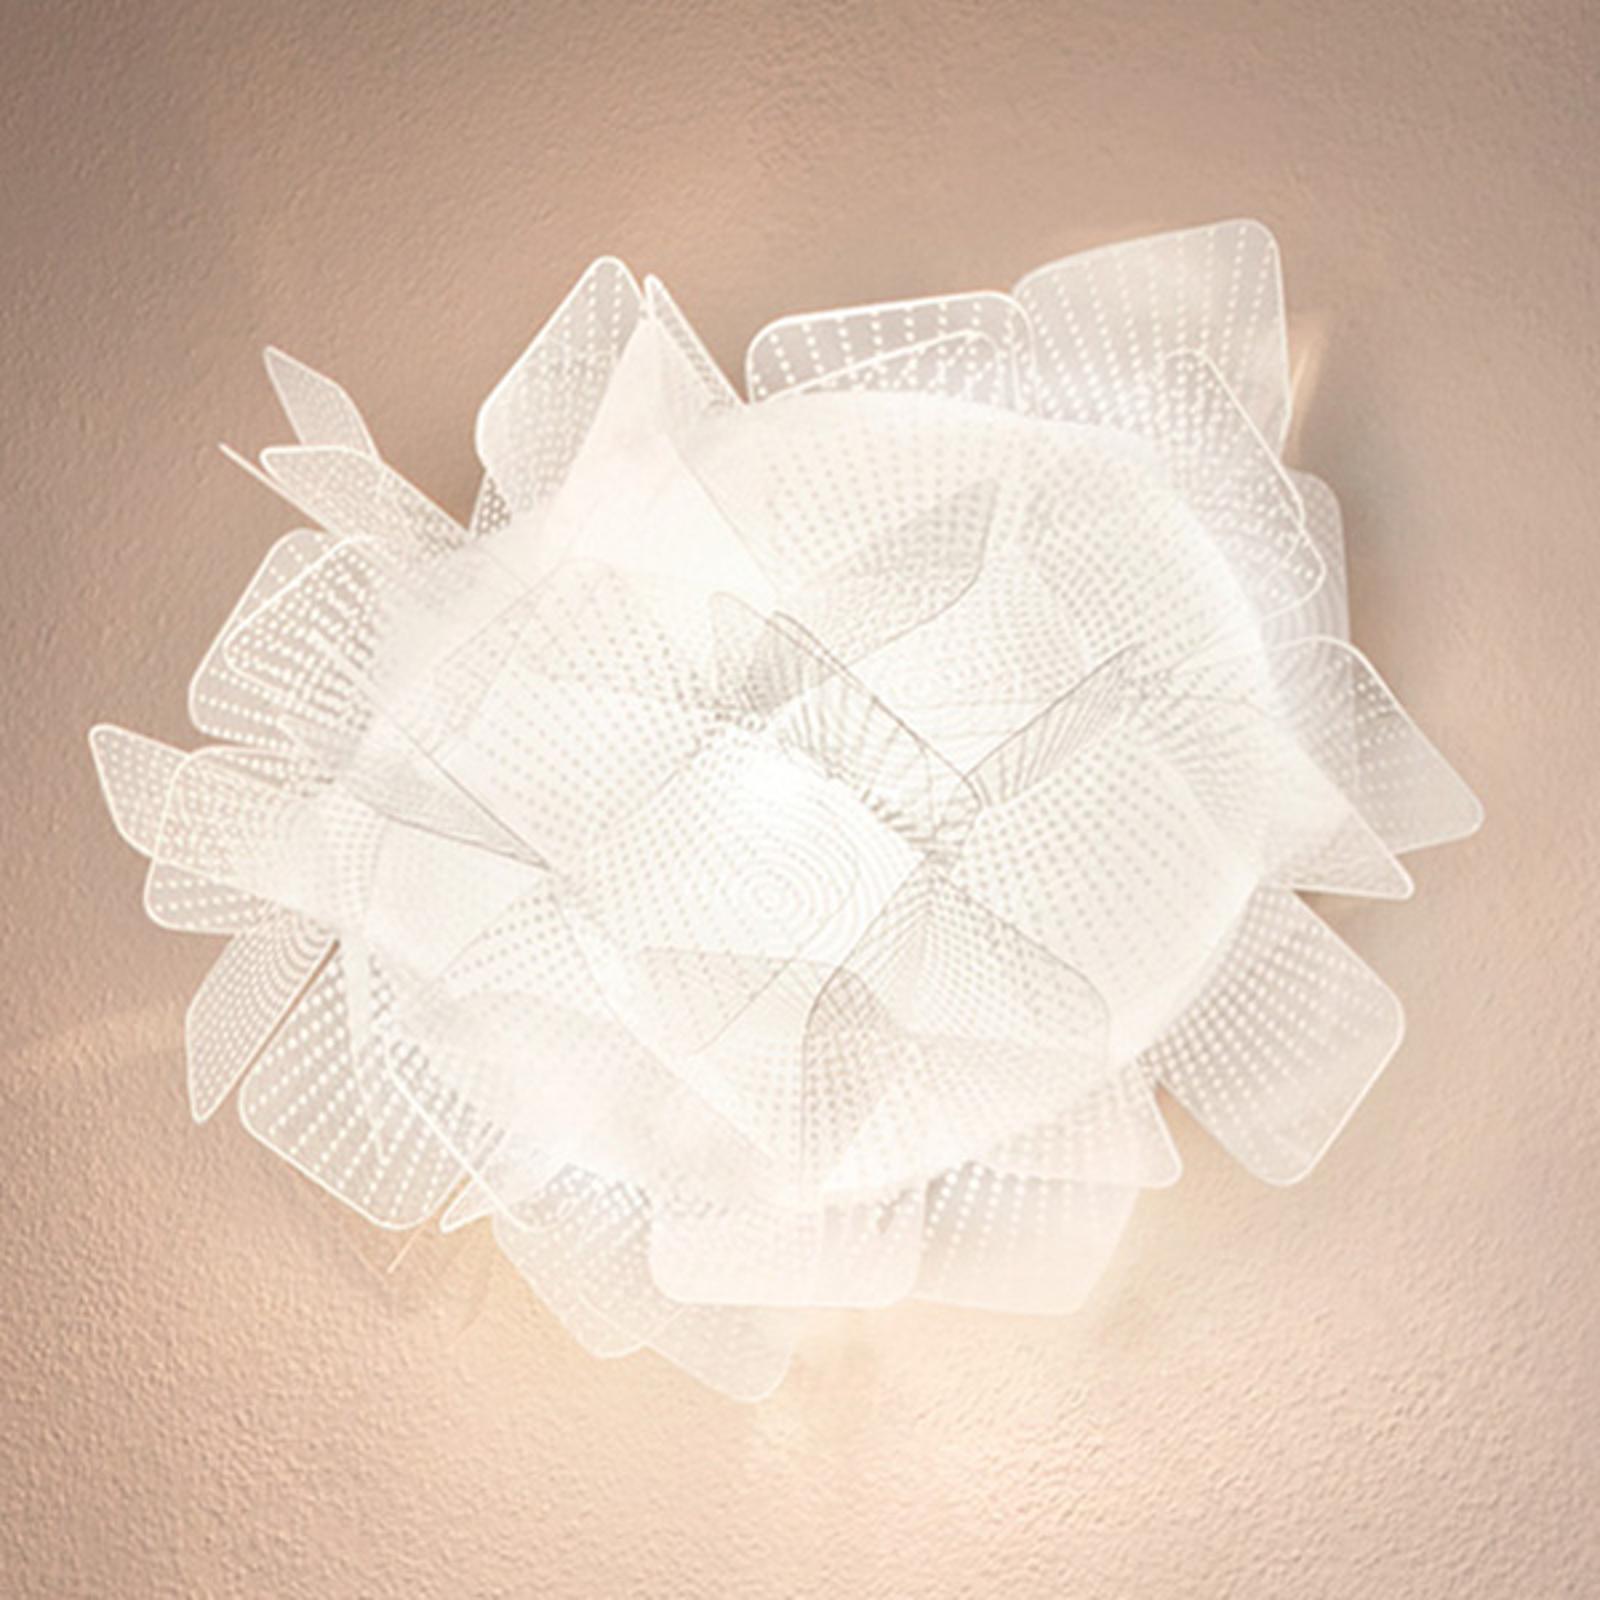 Slamp Clizia Pixel wandlamp breedte 32 cm